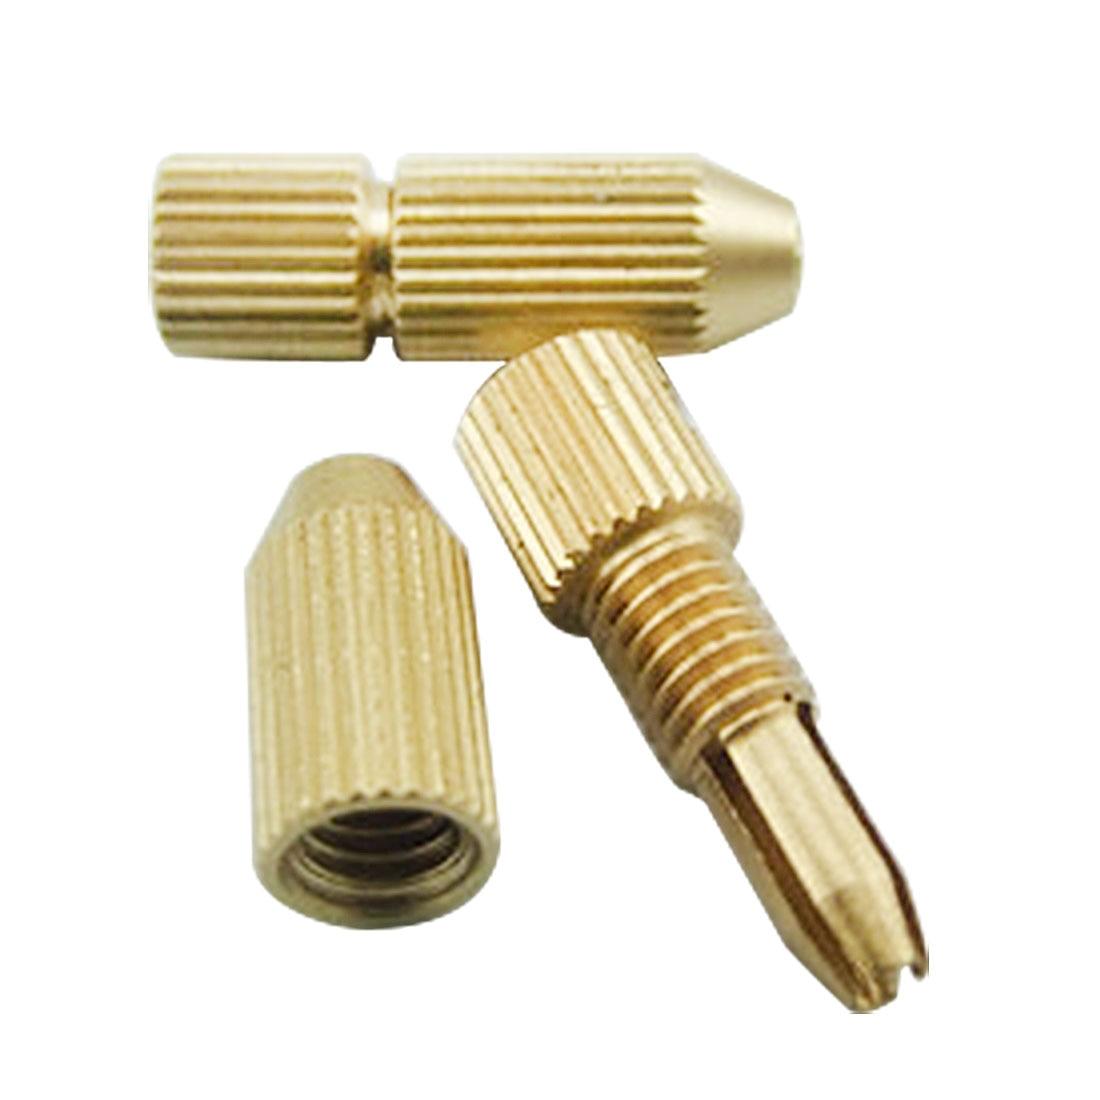 Mini pequeno mandril bonde de bronze da braçadeira do eixo do motor de 2.0mm para 0.8mm-1.5mm broca micro broca broca braçadeira dispositivo elétrico chuck